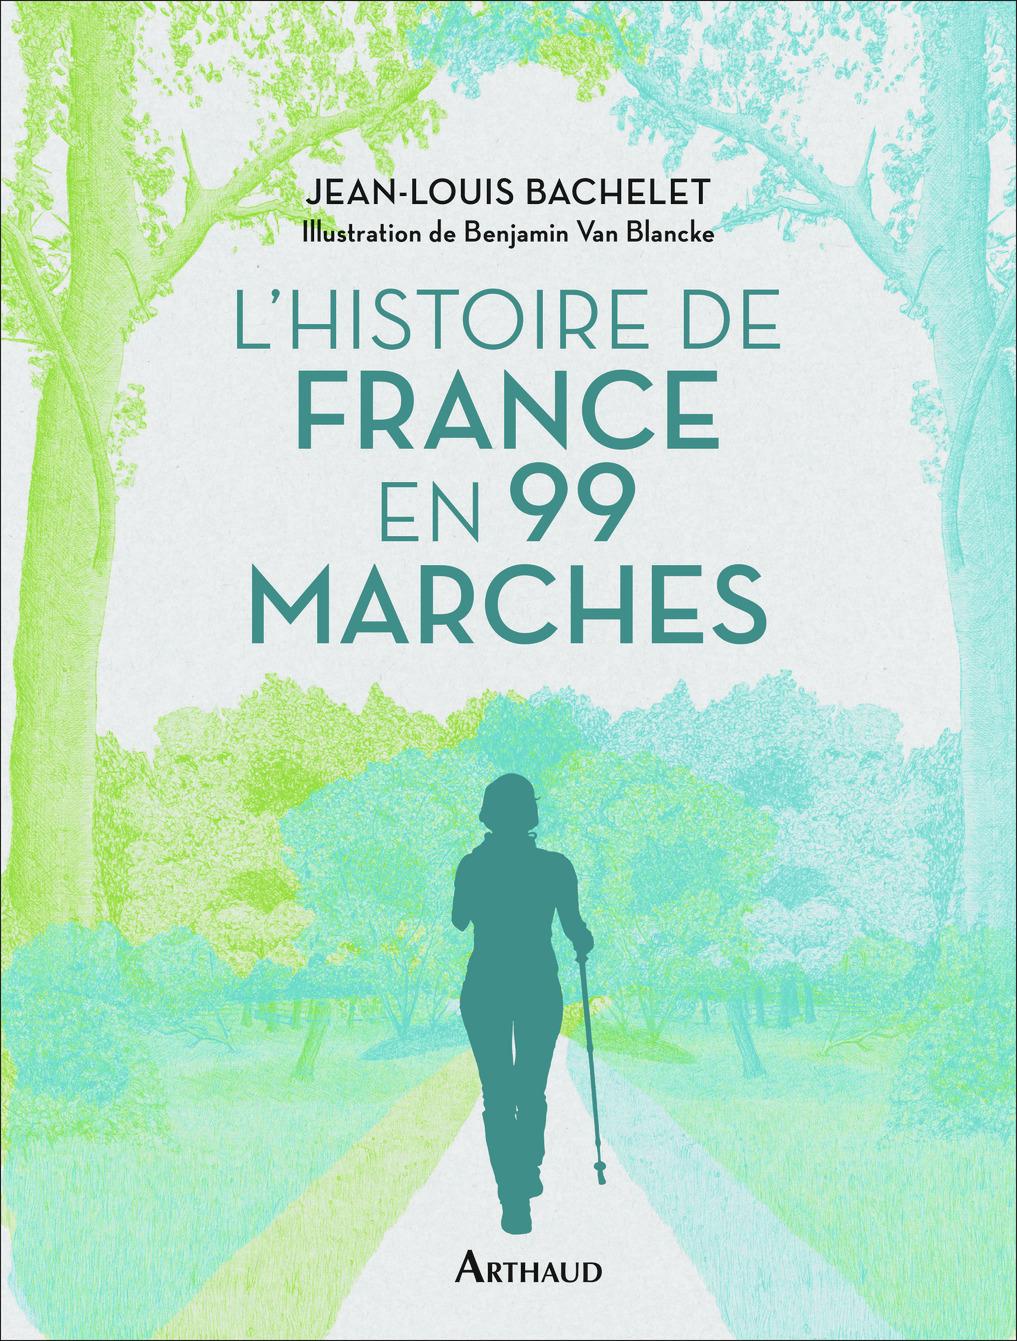 L'HISTOIRE DE FRANCE EN 99 MARCHES